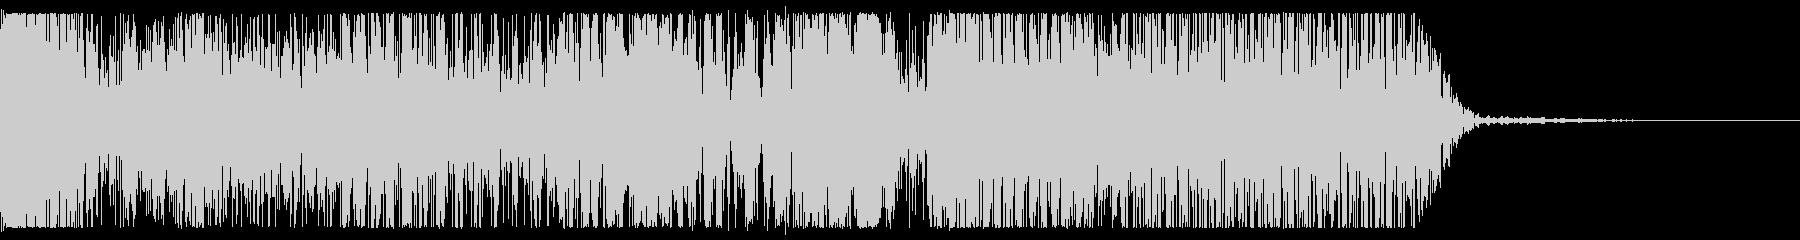 モーフグレインエクスプロージョン、...の未再生の波形